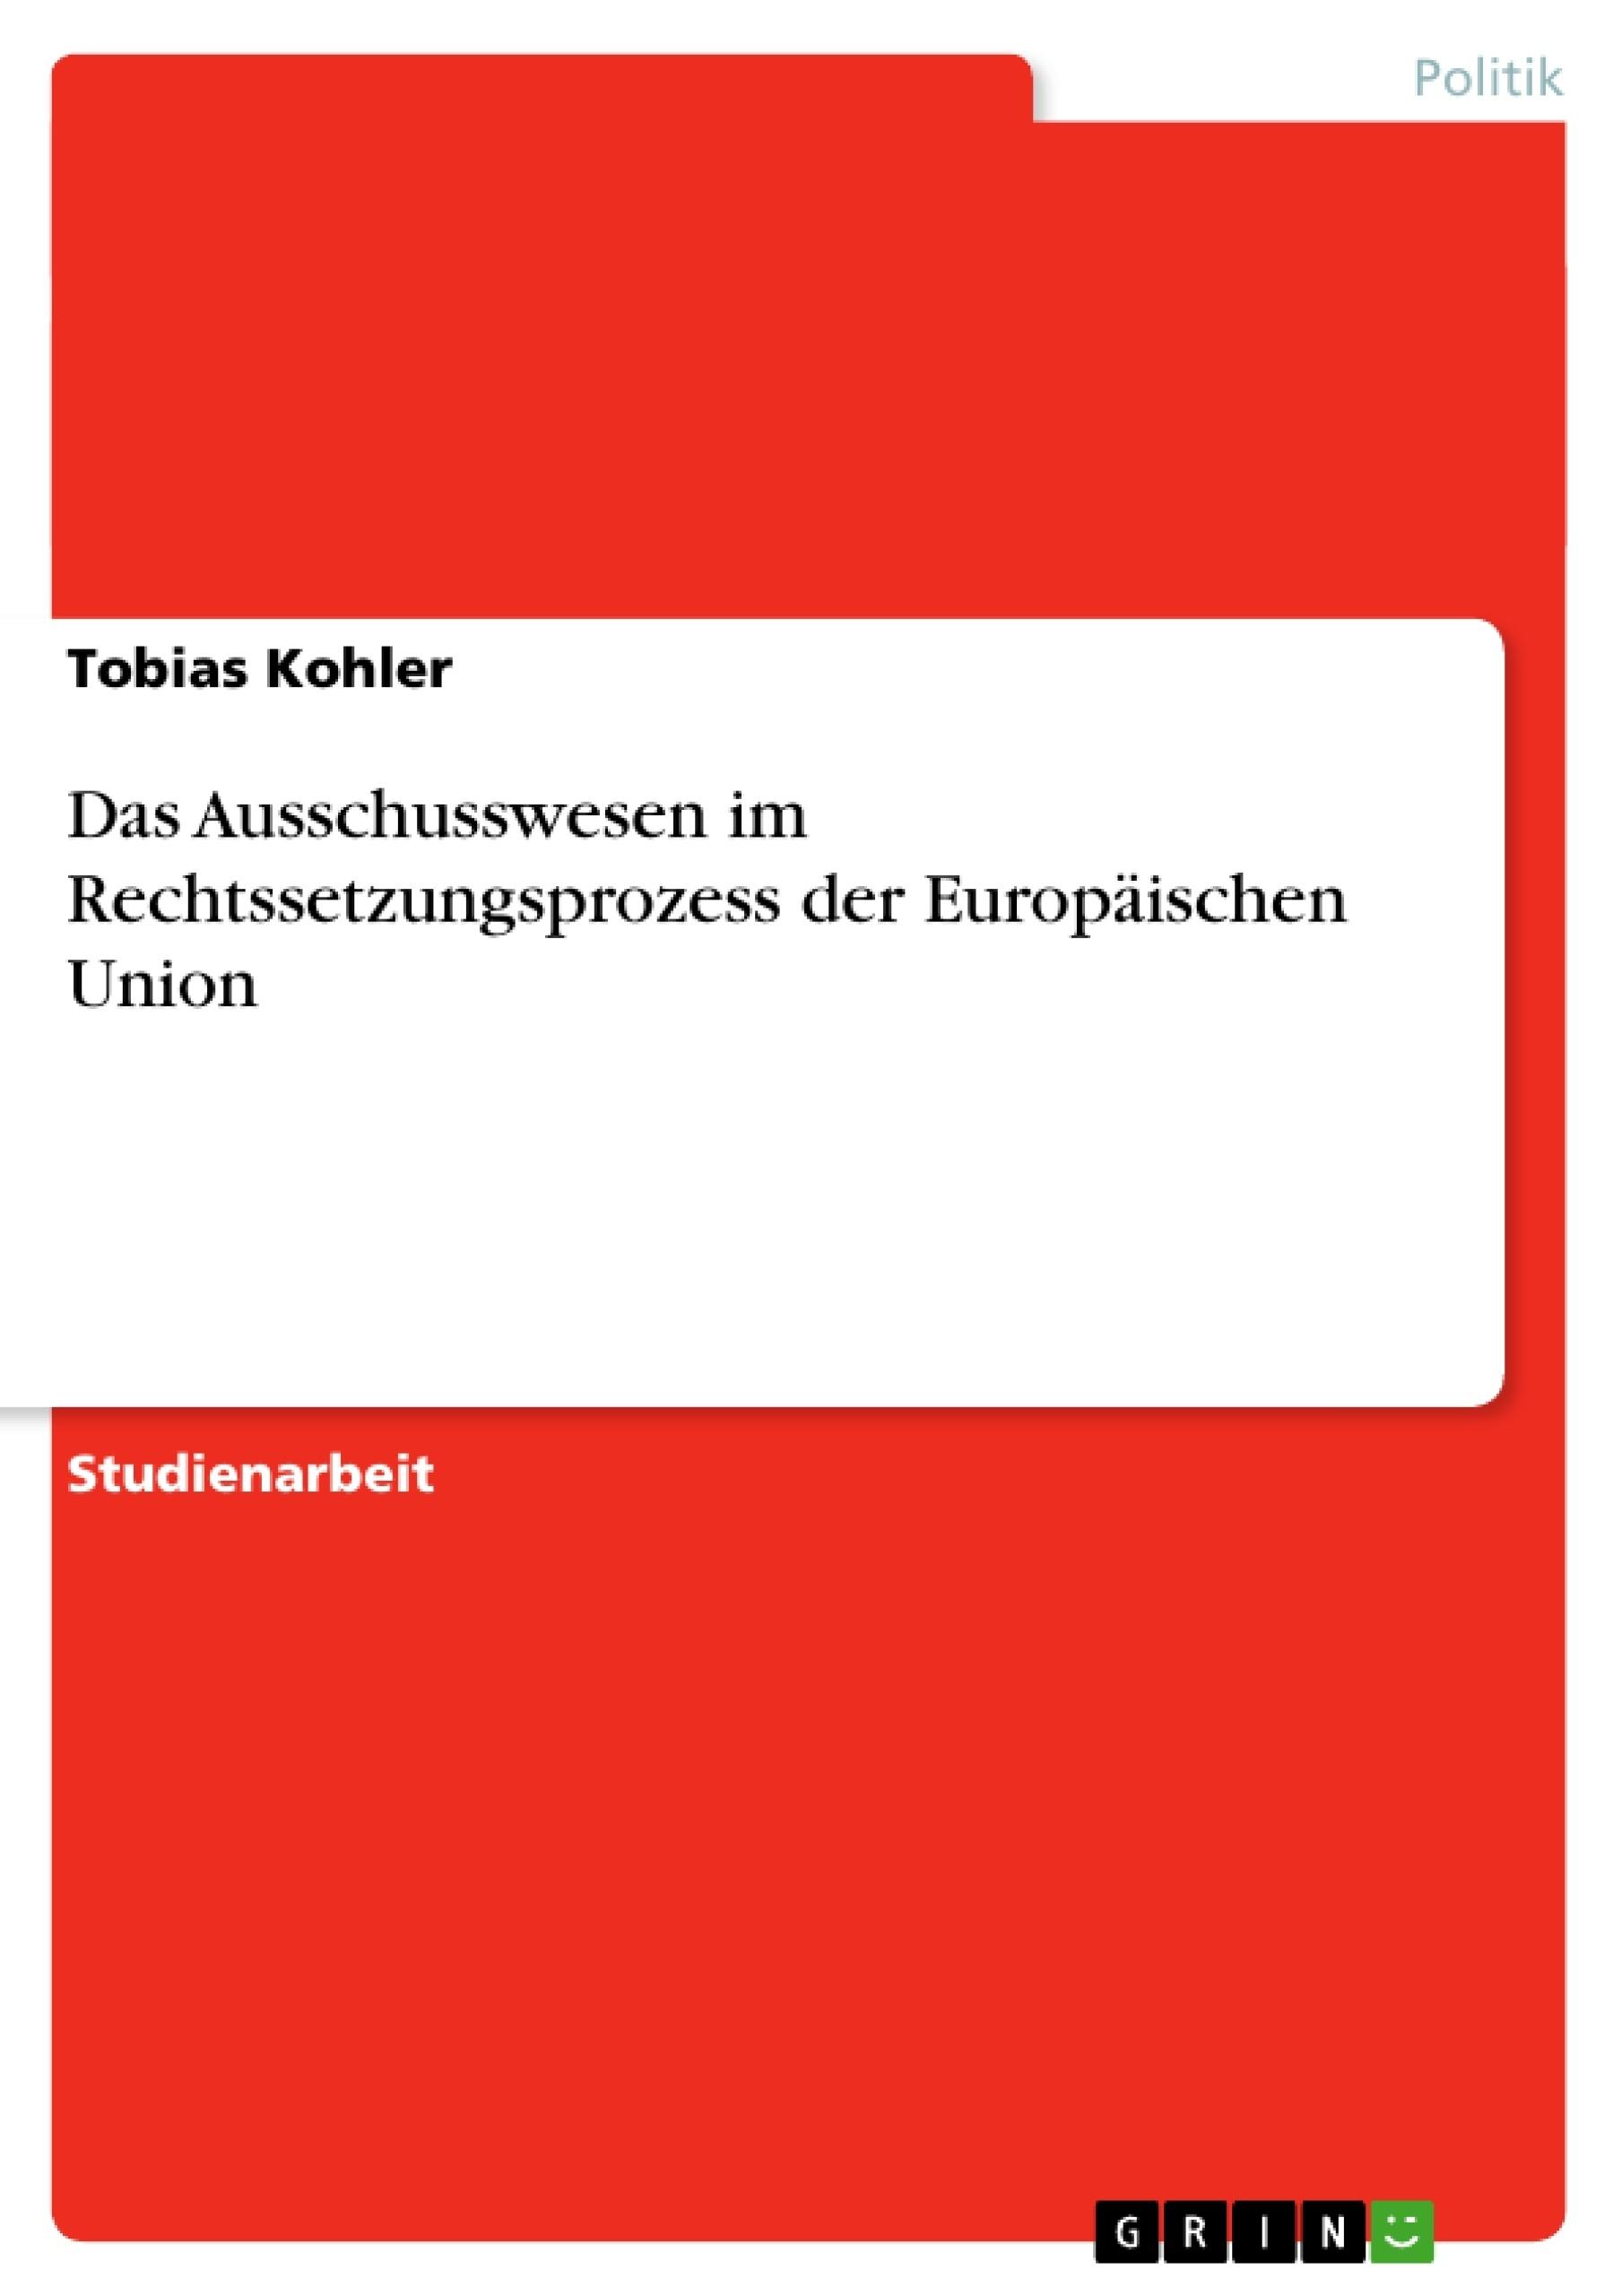 Titel: Das Ausschusswesen im Rechtssetzungsprozess der Europäischen Union